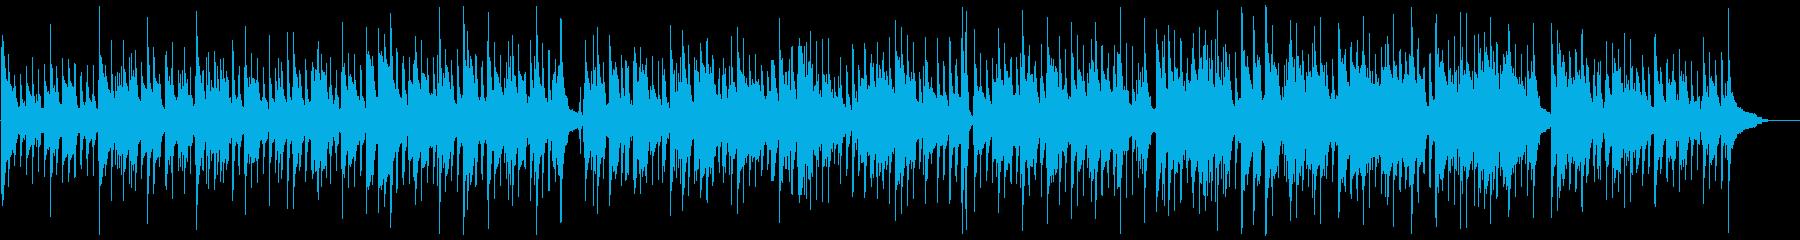 バーカウンターで流れていそうなジャズの再生済みの波形